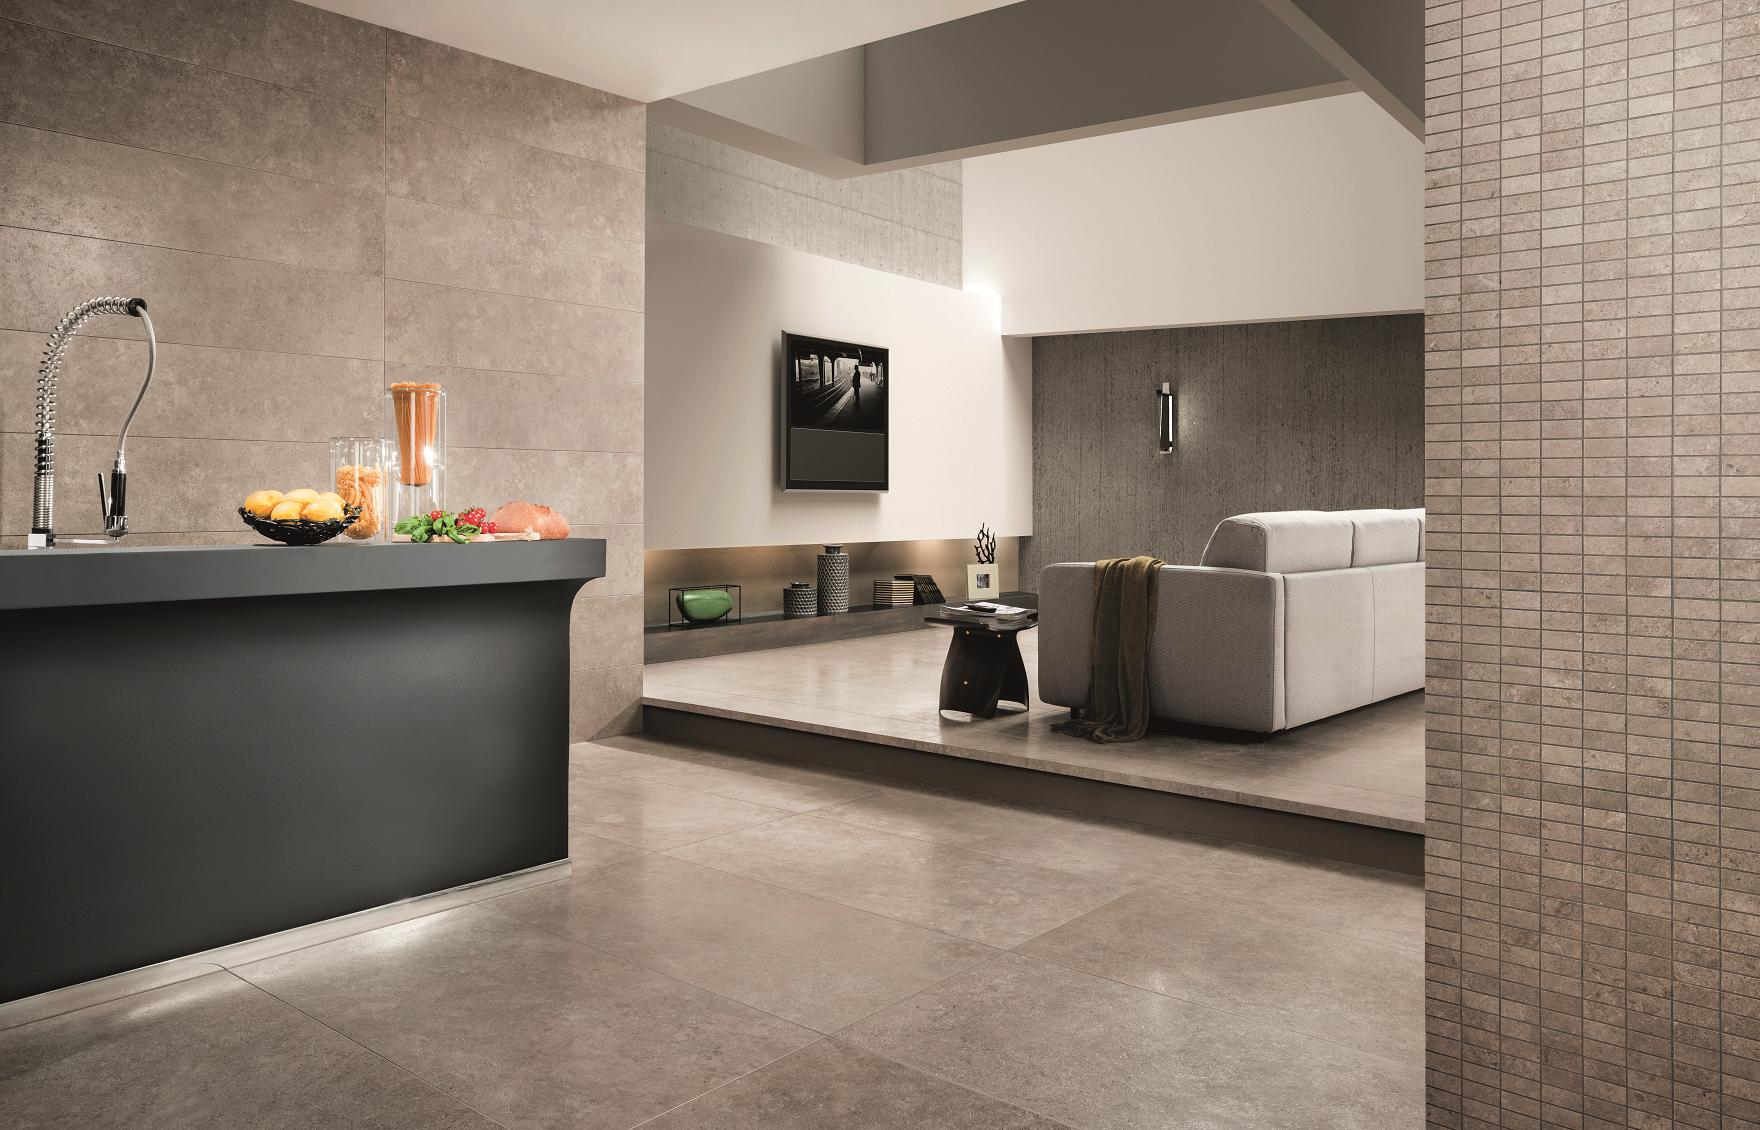 Type vloertegels keramische vloertegels tribeca 45x90 - Porcelanosa tegel badkamer ...